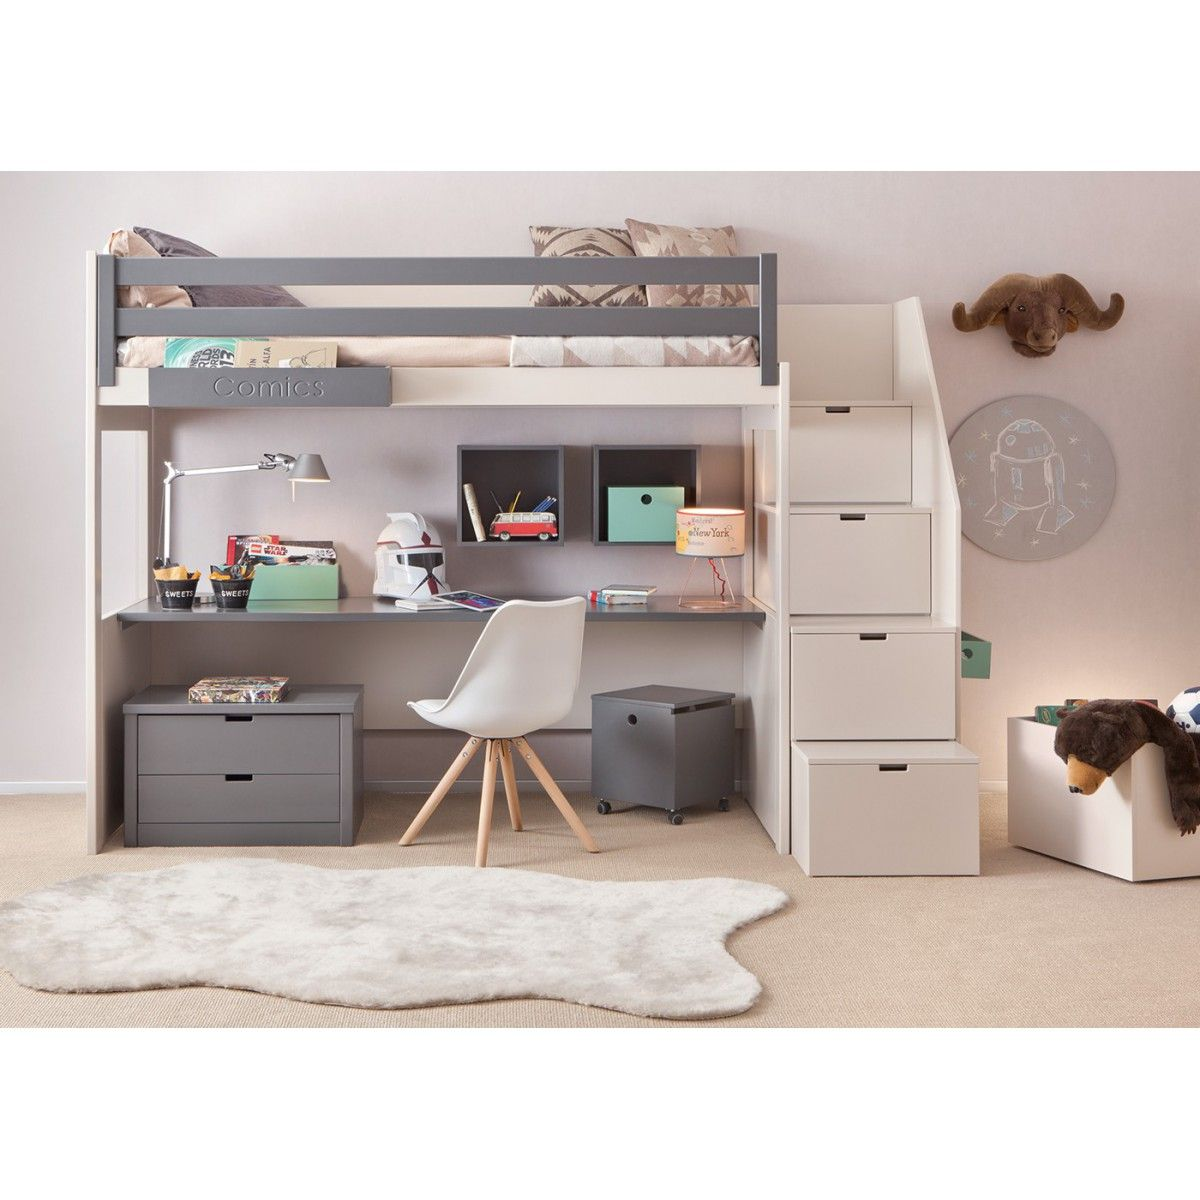 chambre complete pour enfants ados avec lit mezzanine bureau et rangements asoral lit. Black Bedroom Furniture Sets. Home Design Ideas